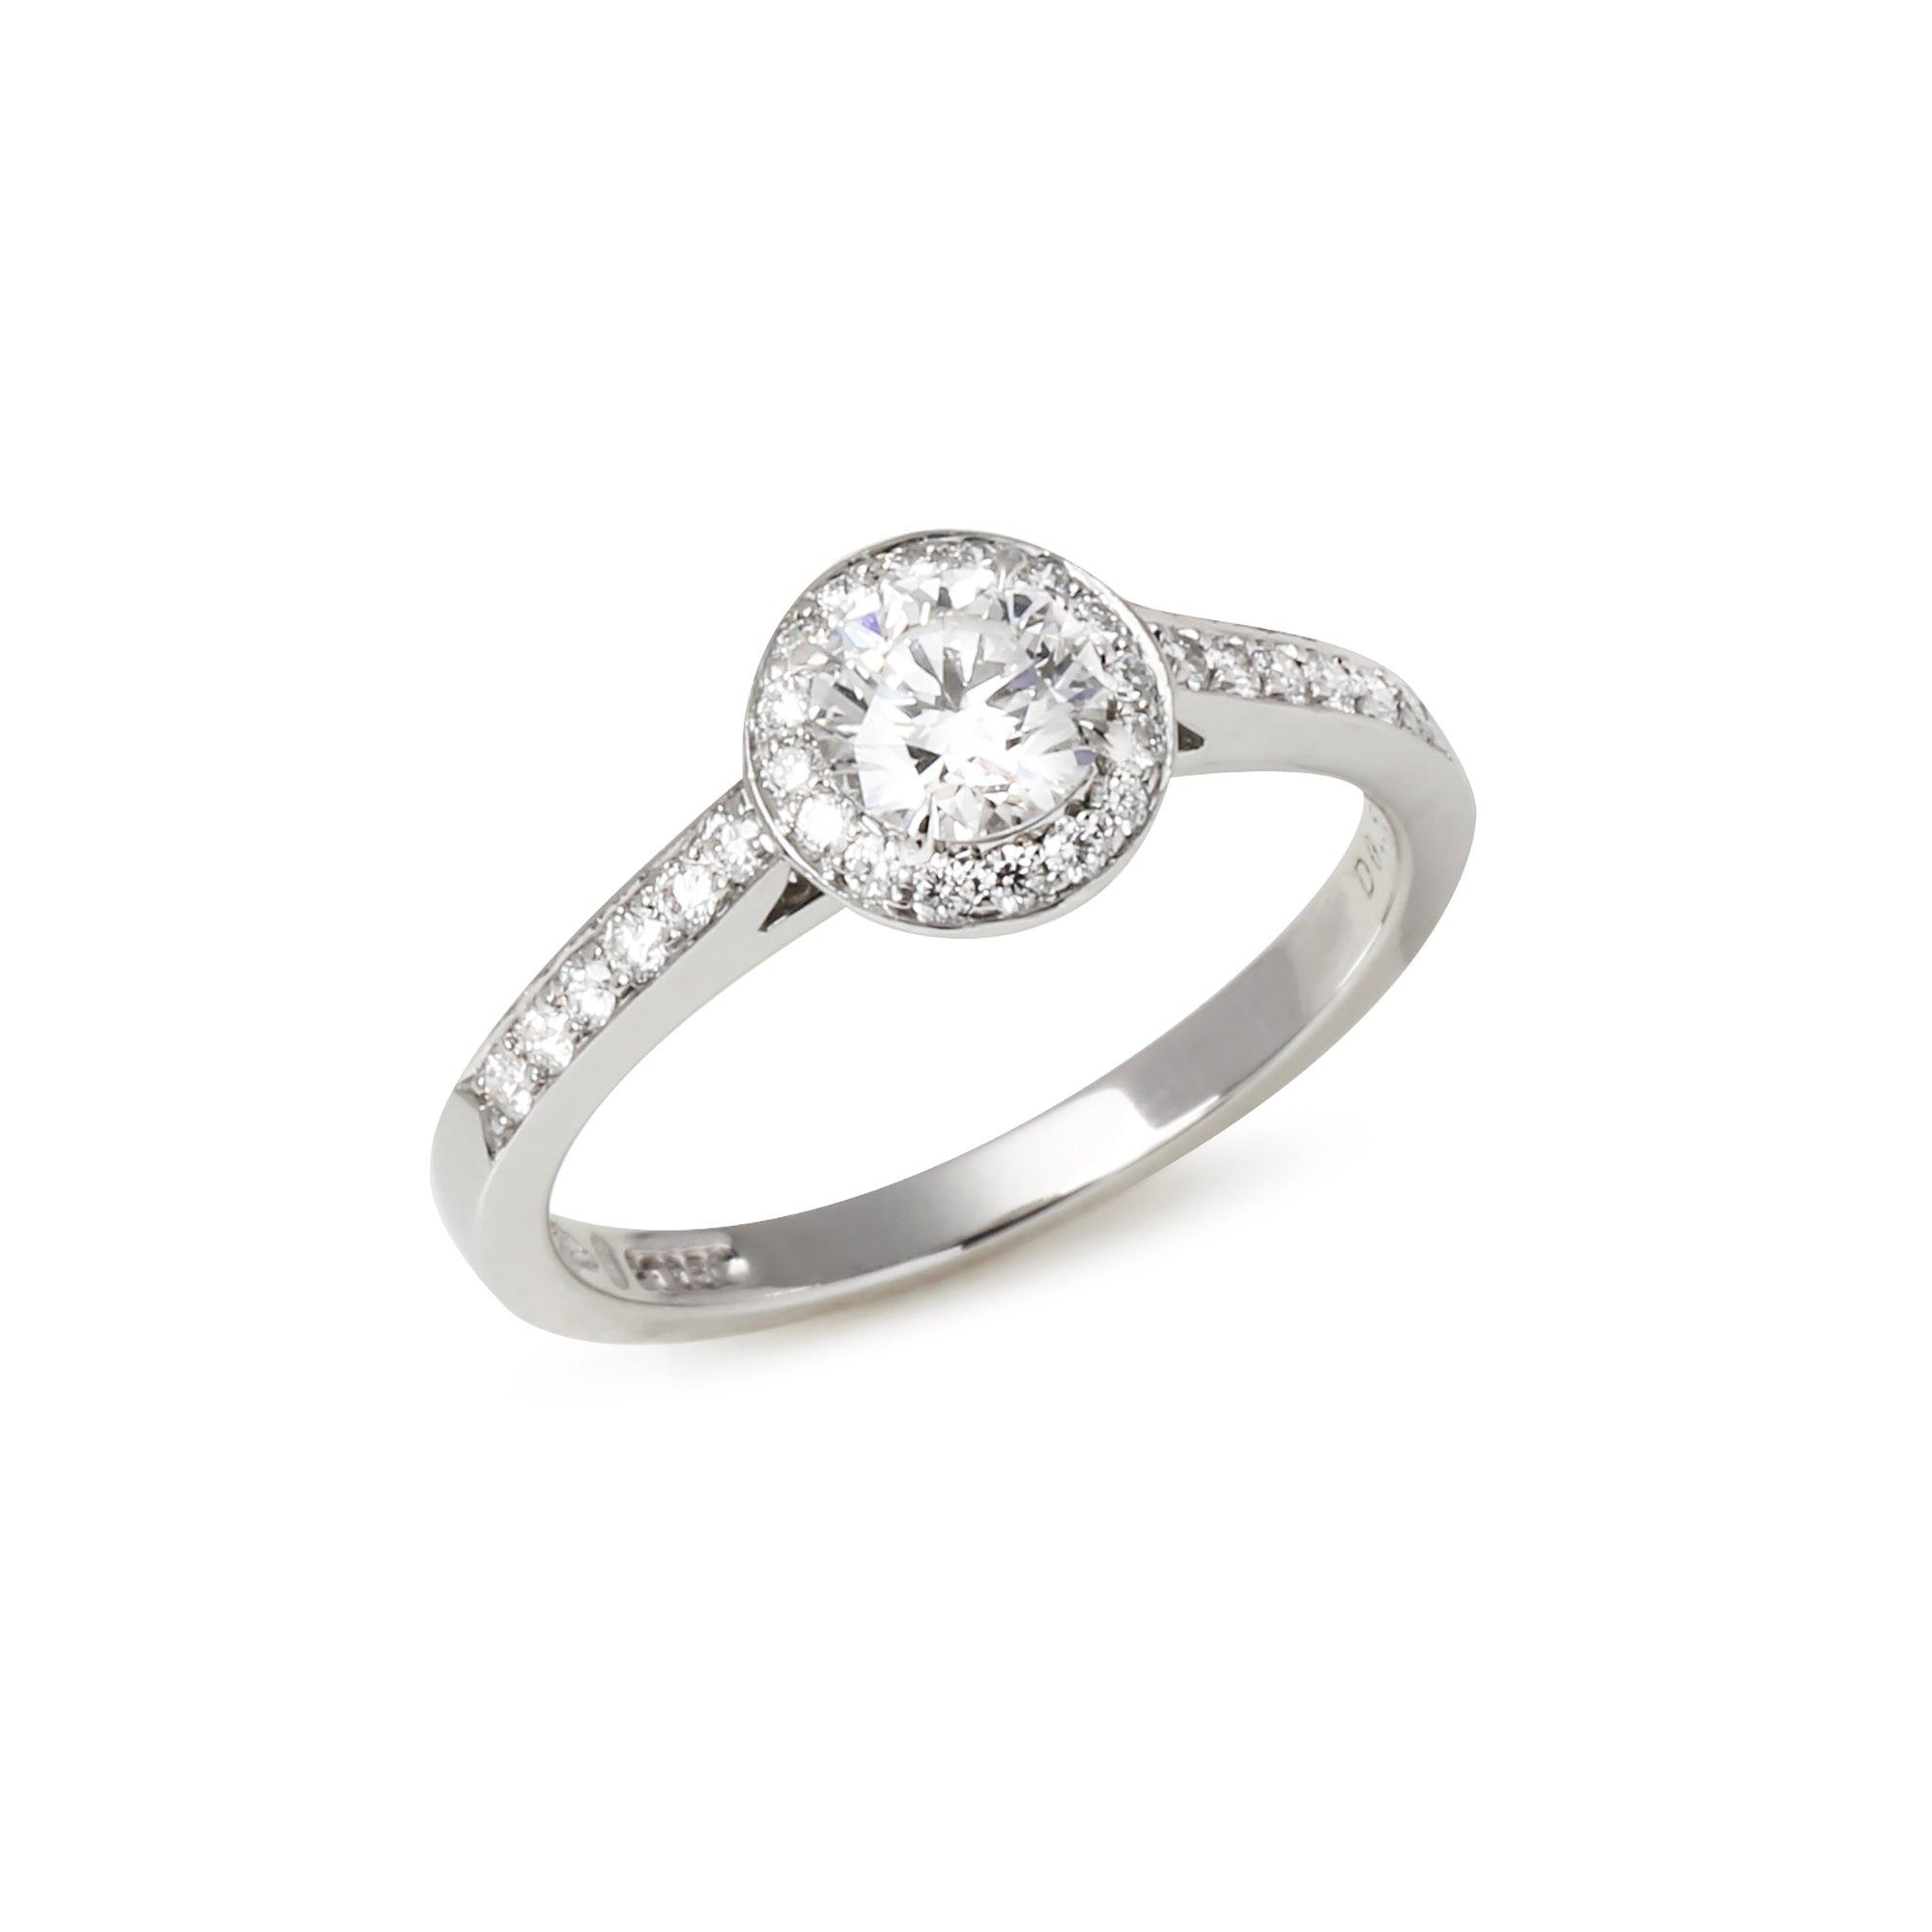 Tiffany & Co. Embrace Halo engagement ring